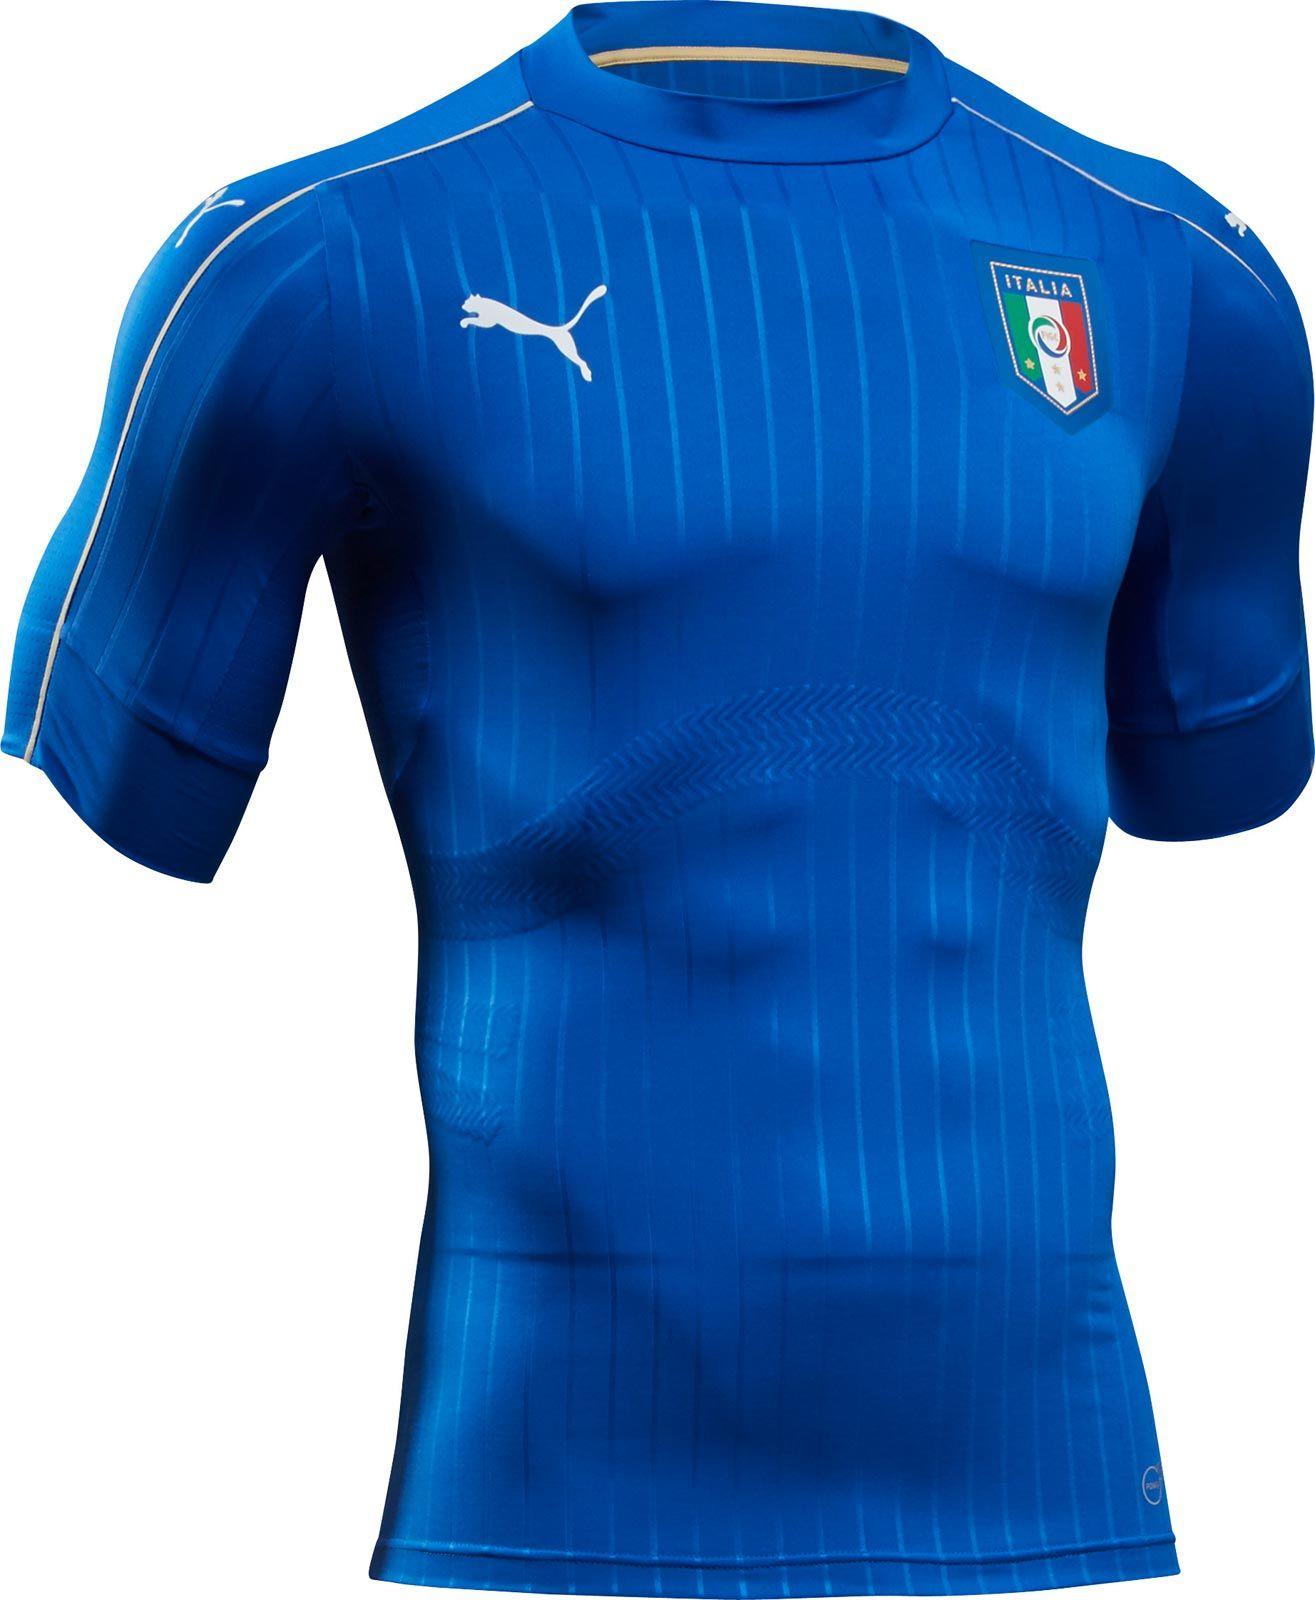 abab6f8b3a8de Puma apresenta nova camisa titular da Itália - Show de Camisas ...